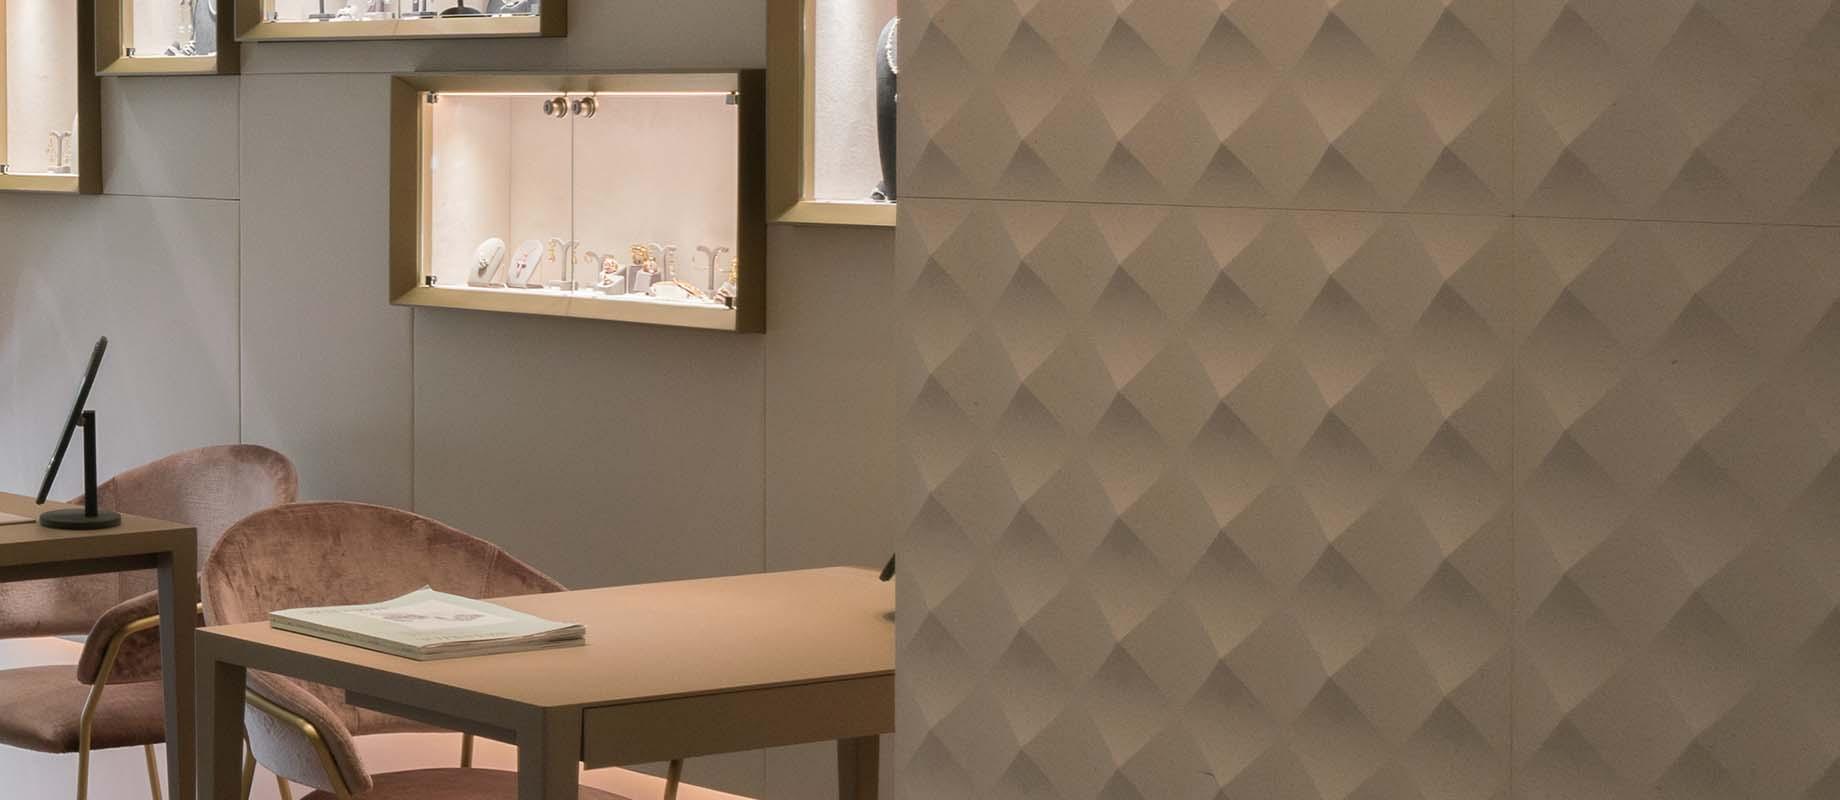 LithosDesign_ElenLarcebeau_luxury_marble_jewellery_interiors_cv